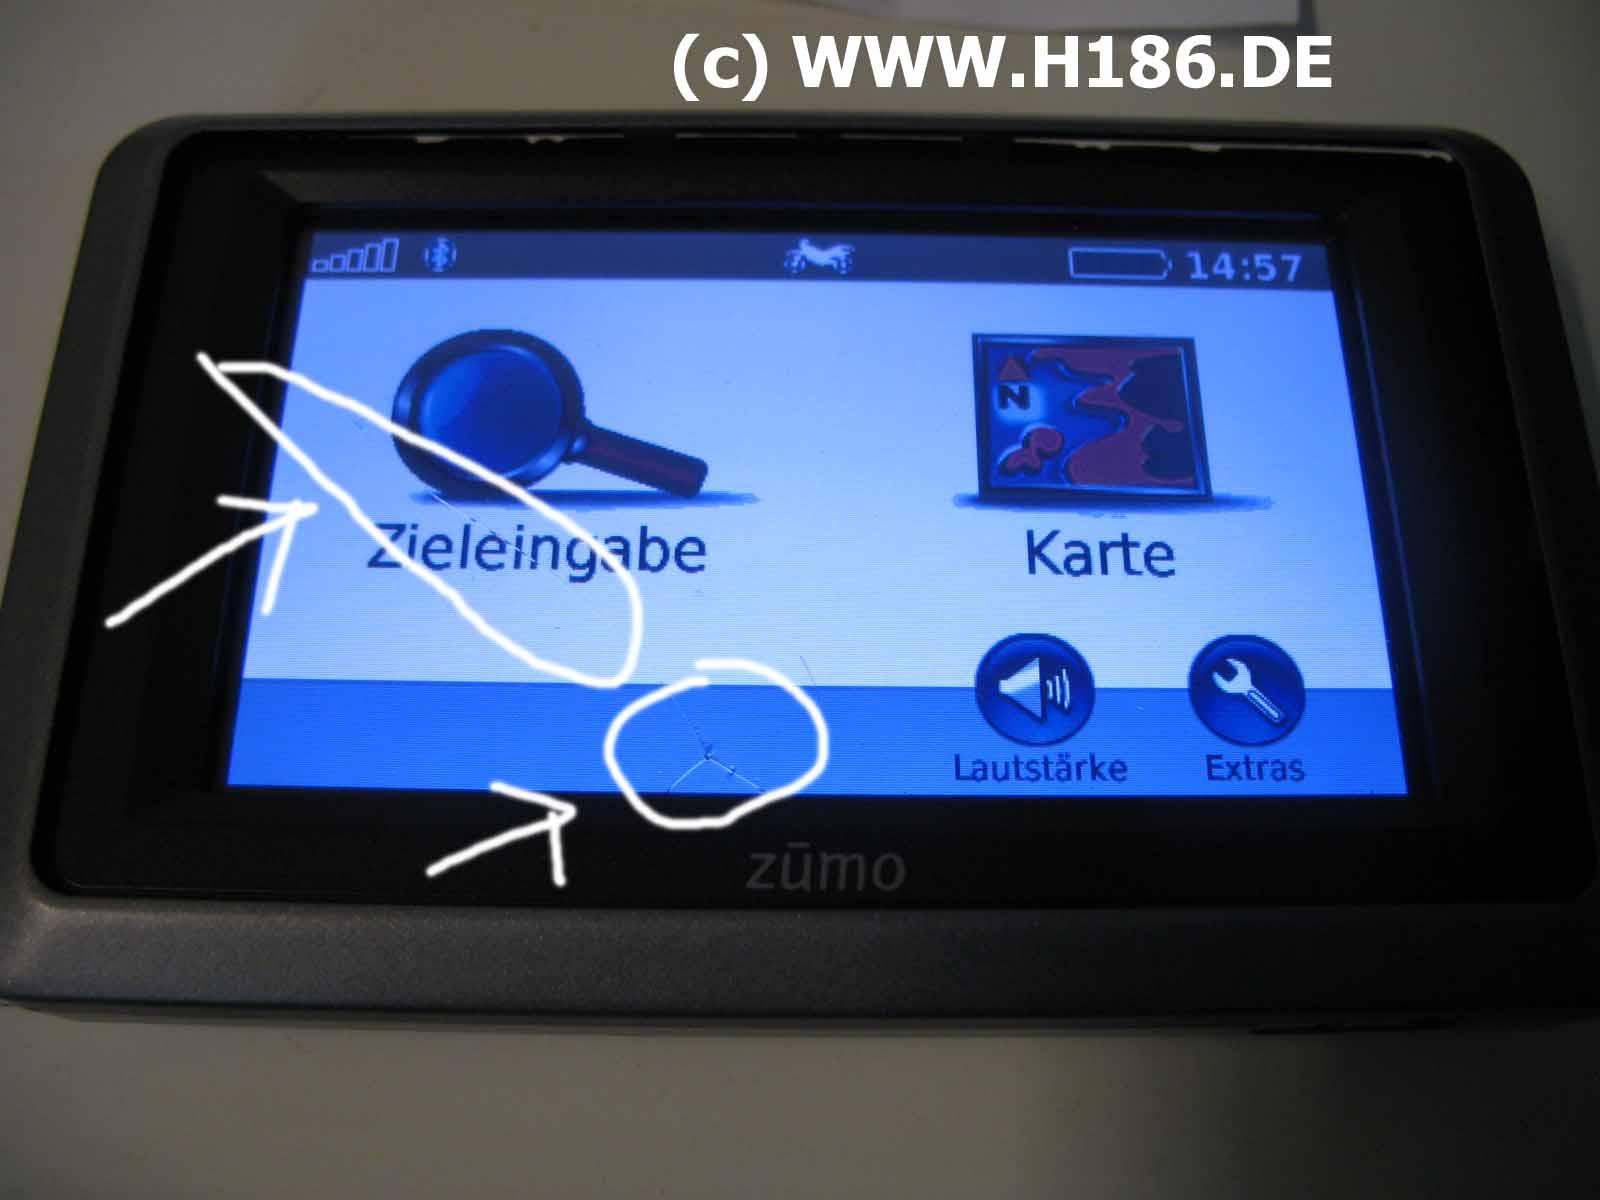 rep 16 riparazione touchscreen navigazione gps tomtom go. Black Bedroom Furniture Sets. Home Design Ideas